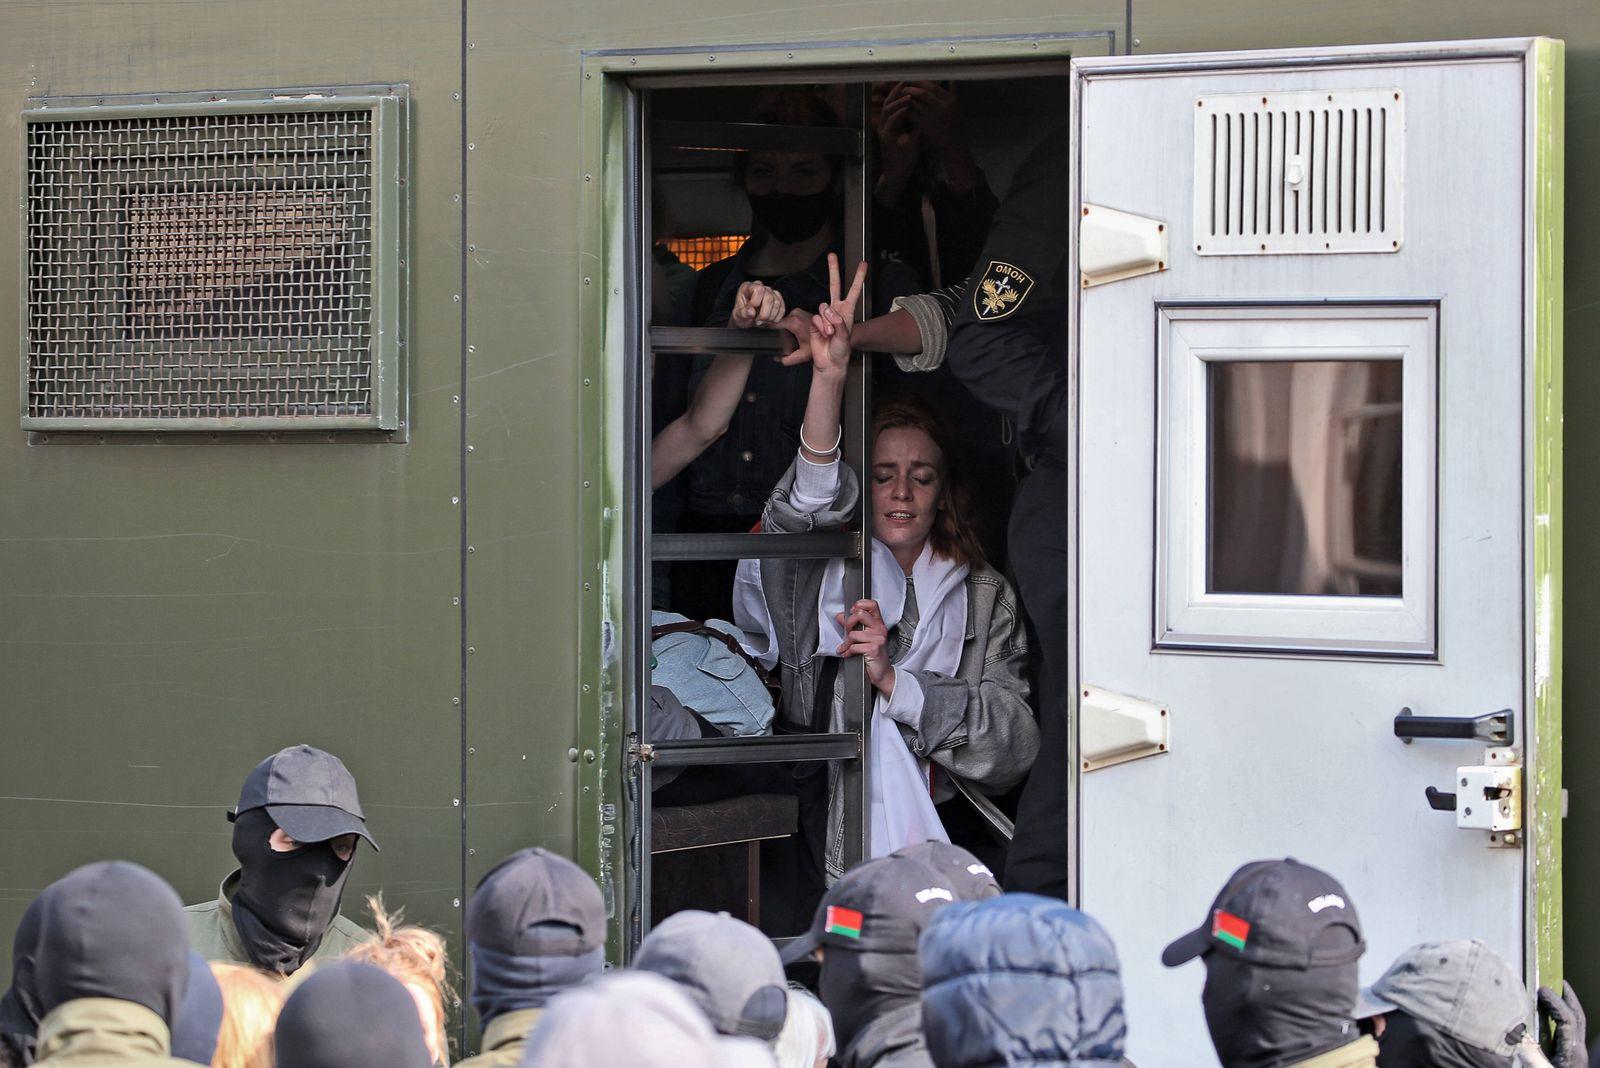 MINSK, BELARUS - SEPTEMBER 12, 2020: A detained protester in a police van gives a V-sign as law enforcement officers de